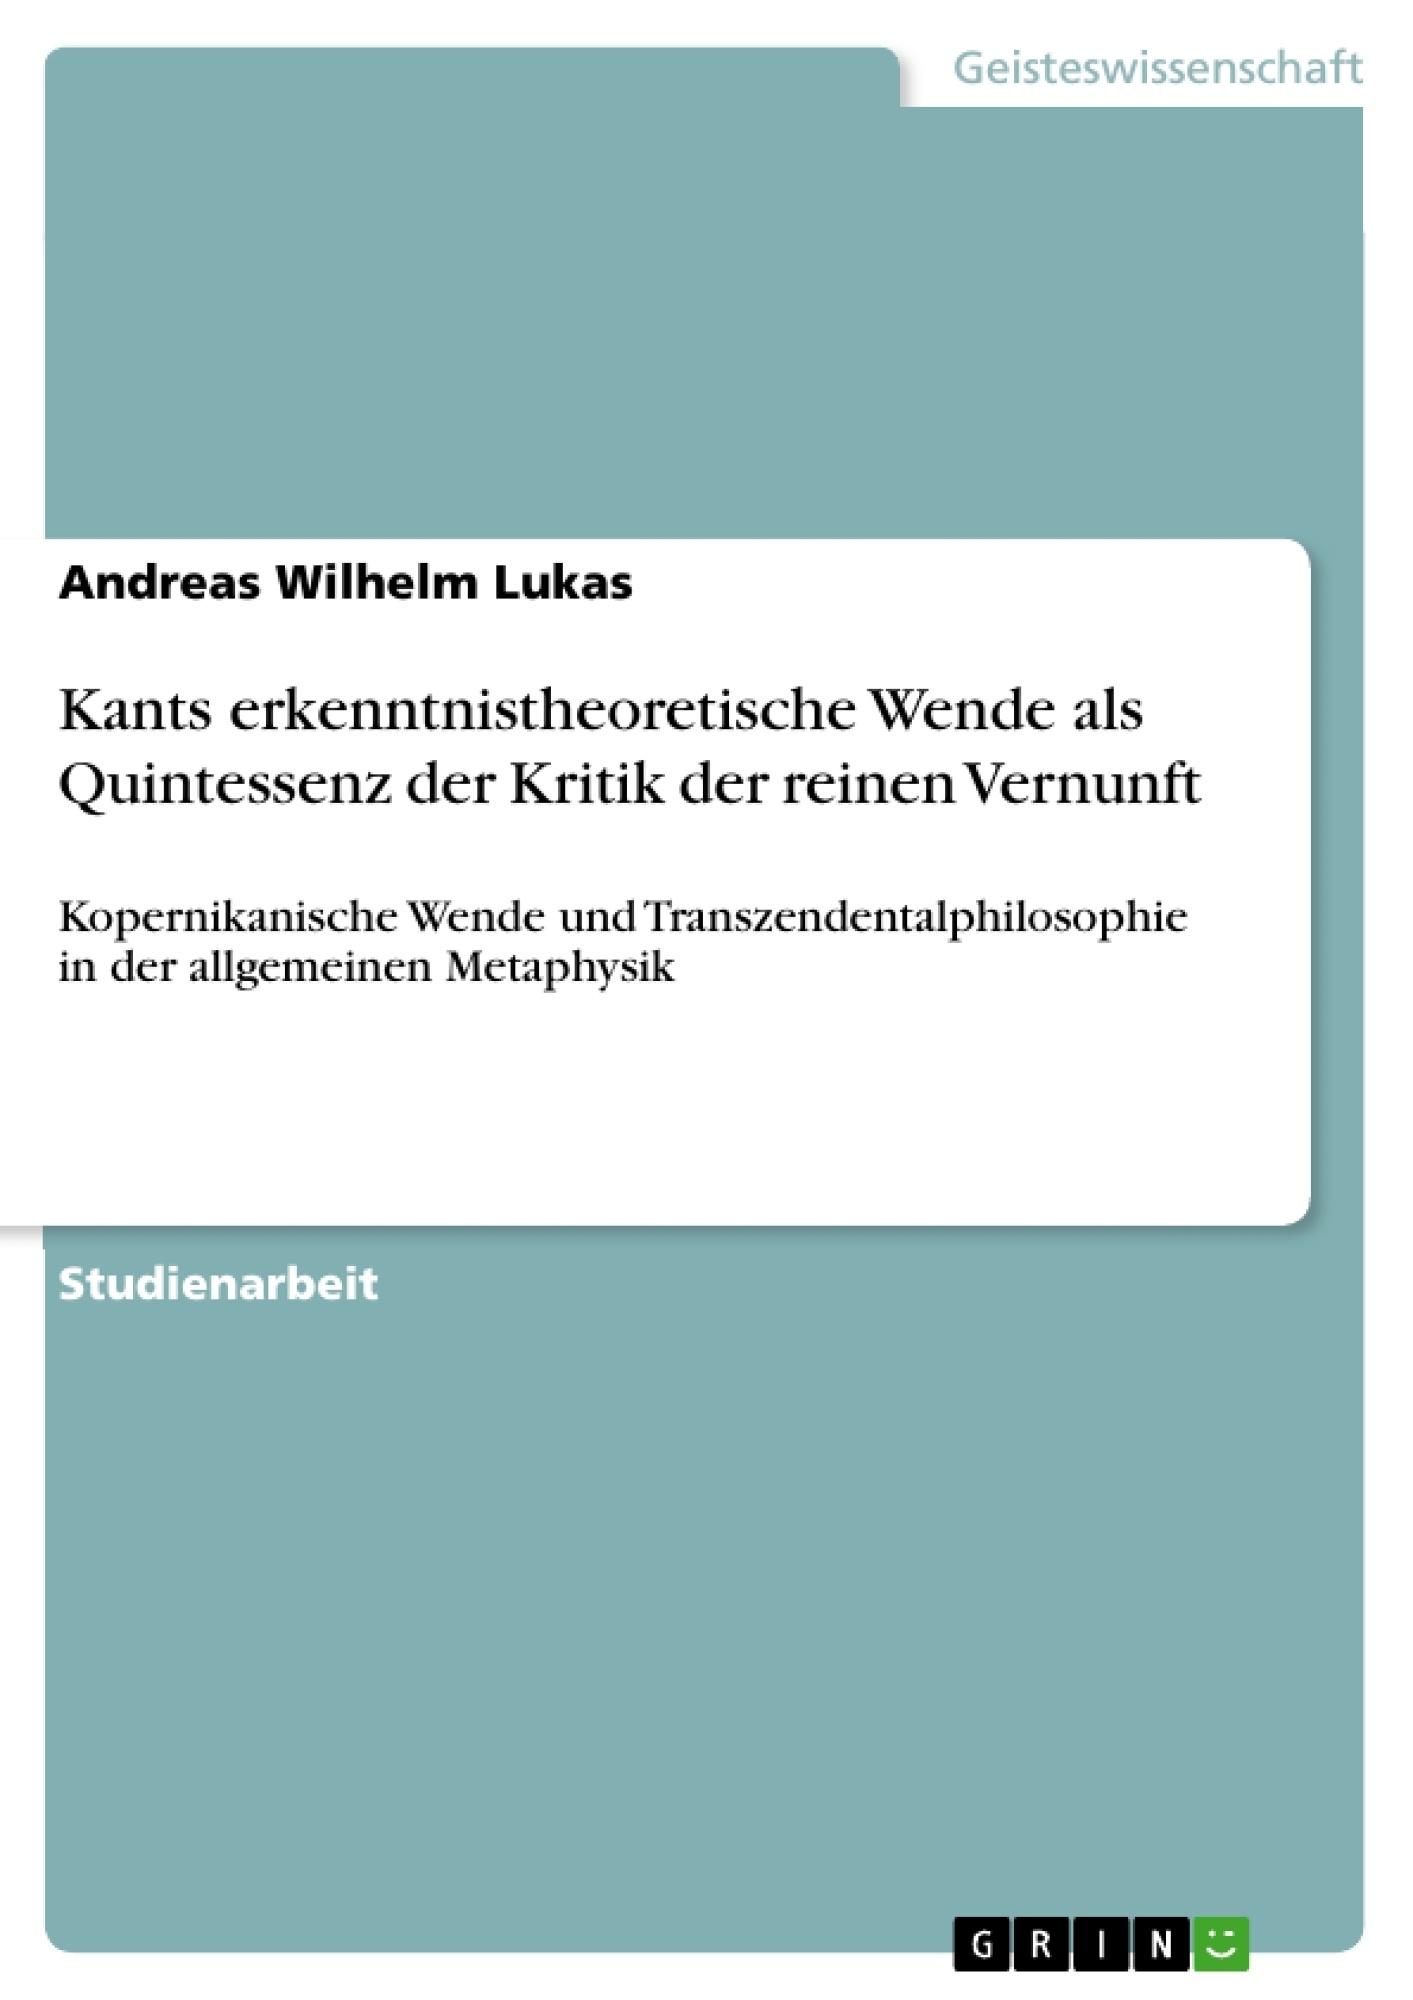 Titel: Kants erkenntnistheoretische Wende als Quintessenz der Kritik der reinen Vernunft